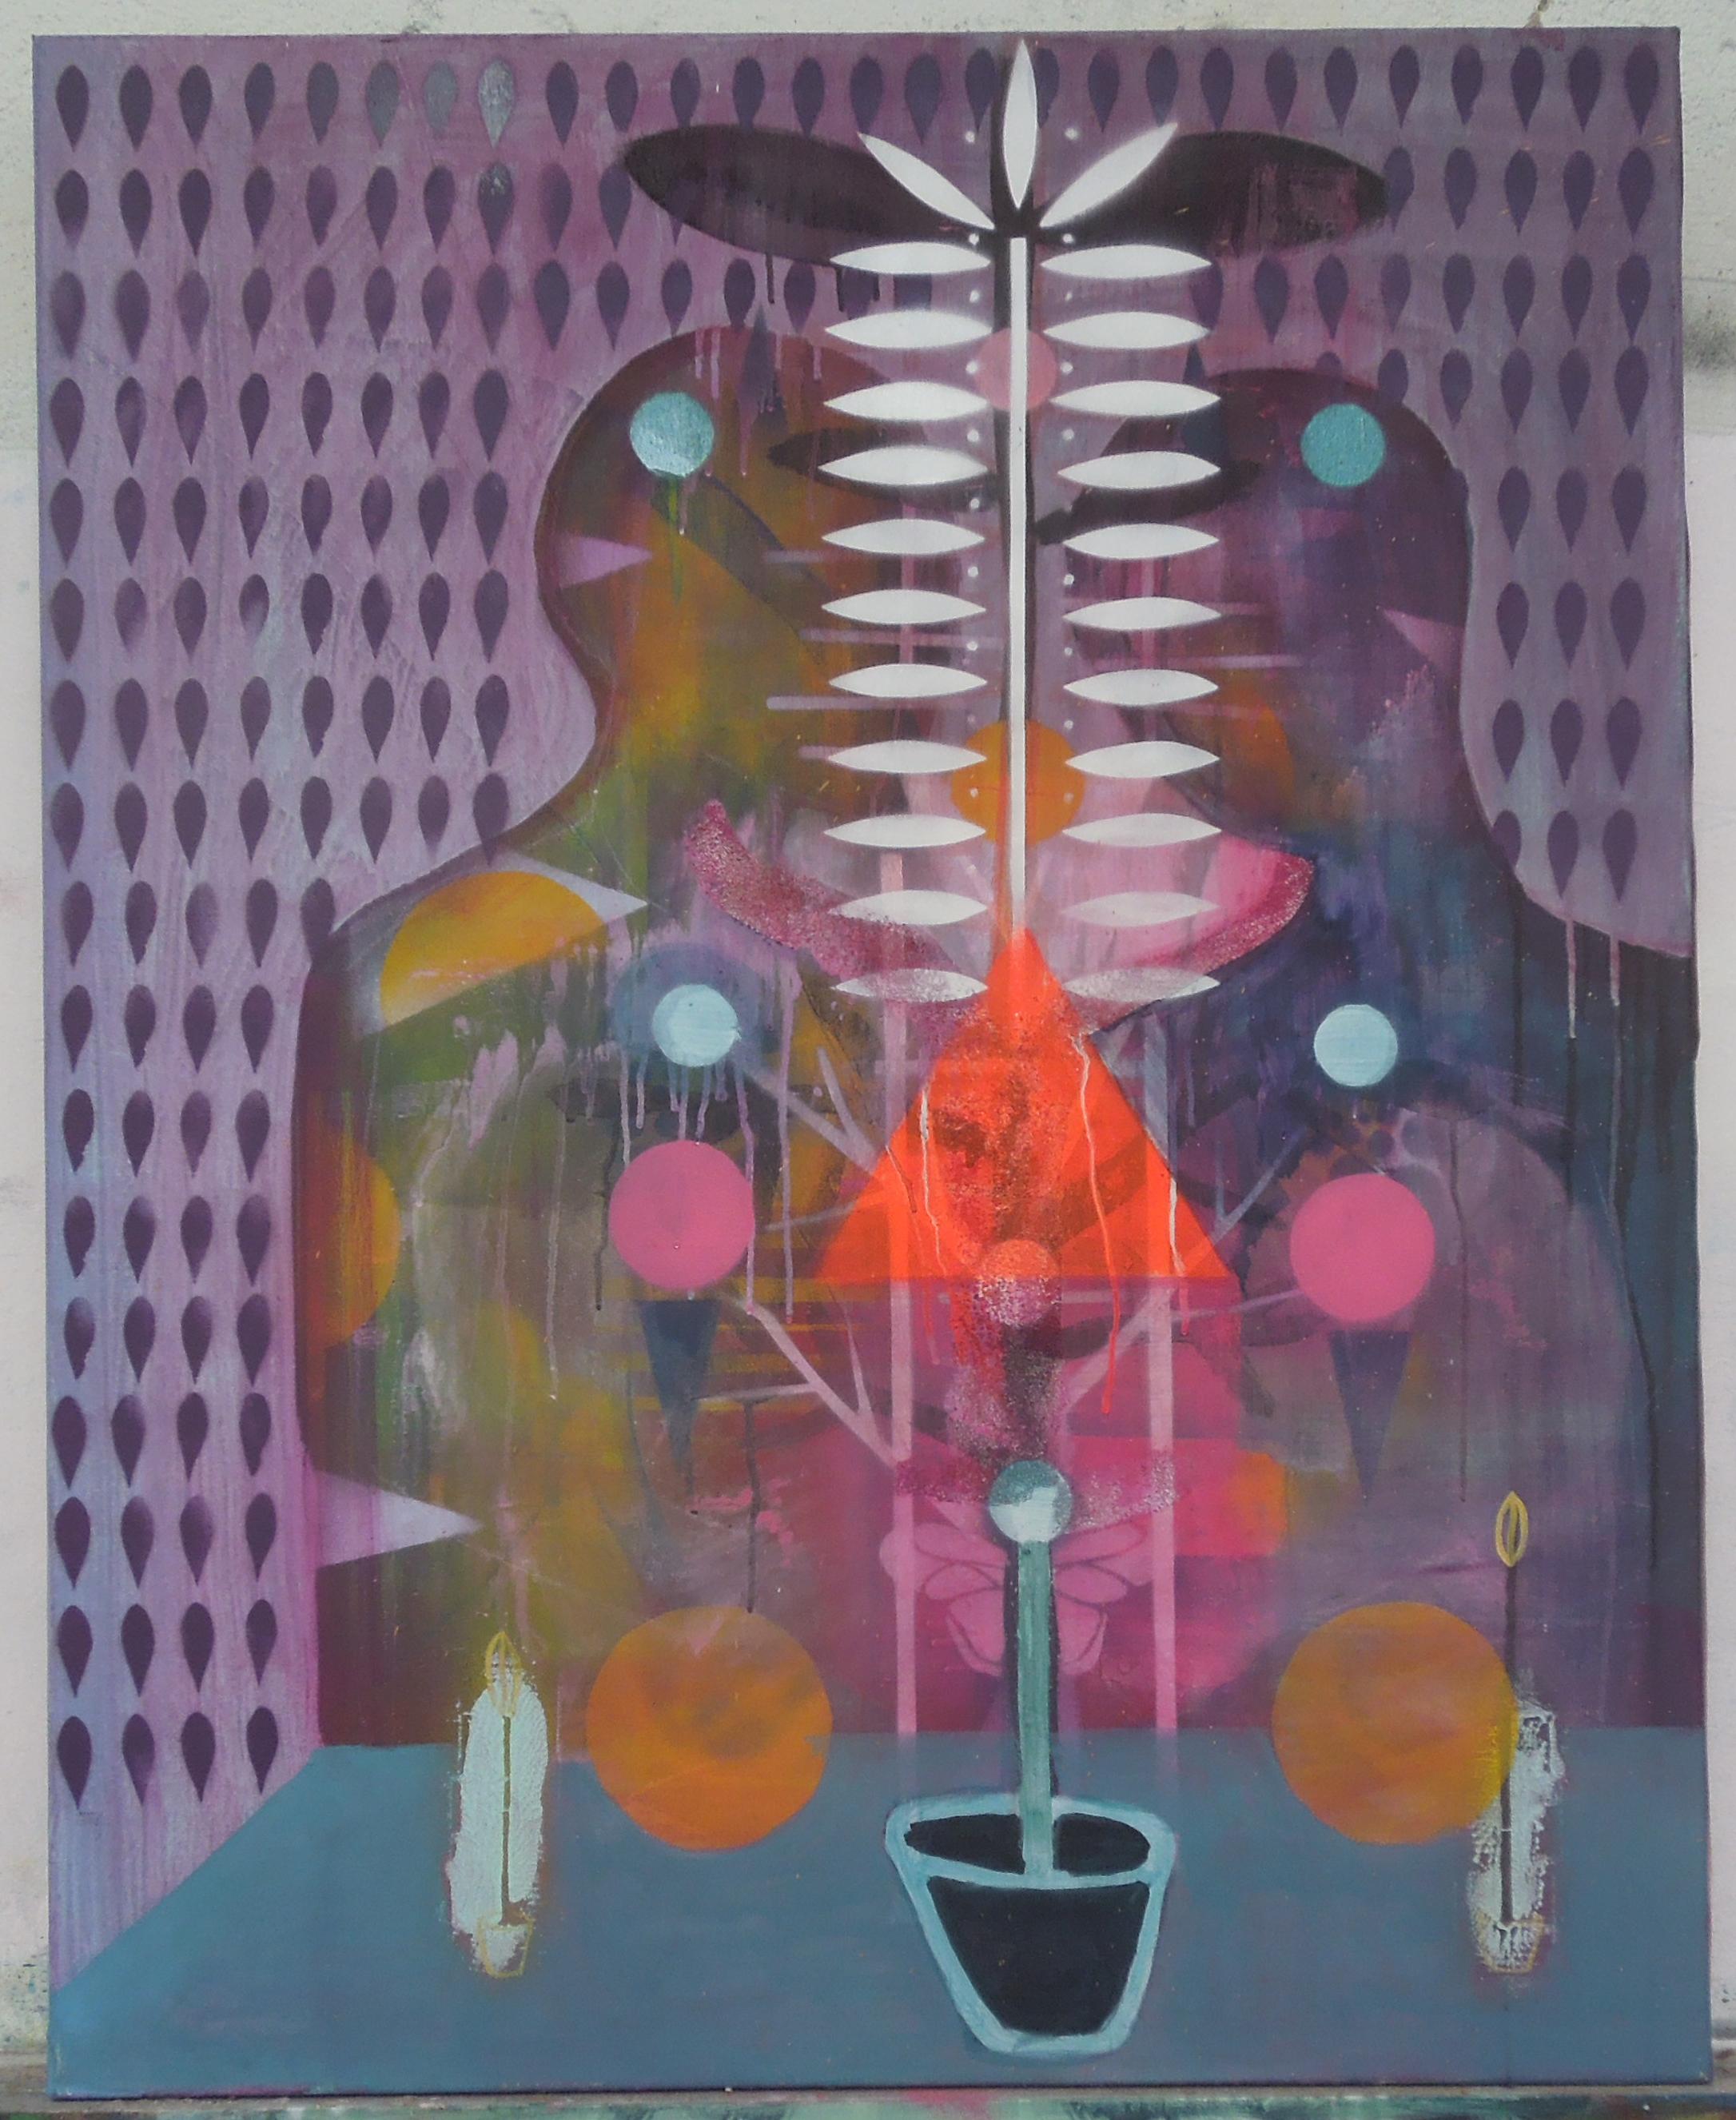 pinkandorange100x80cm